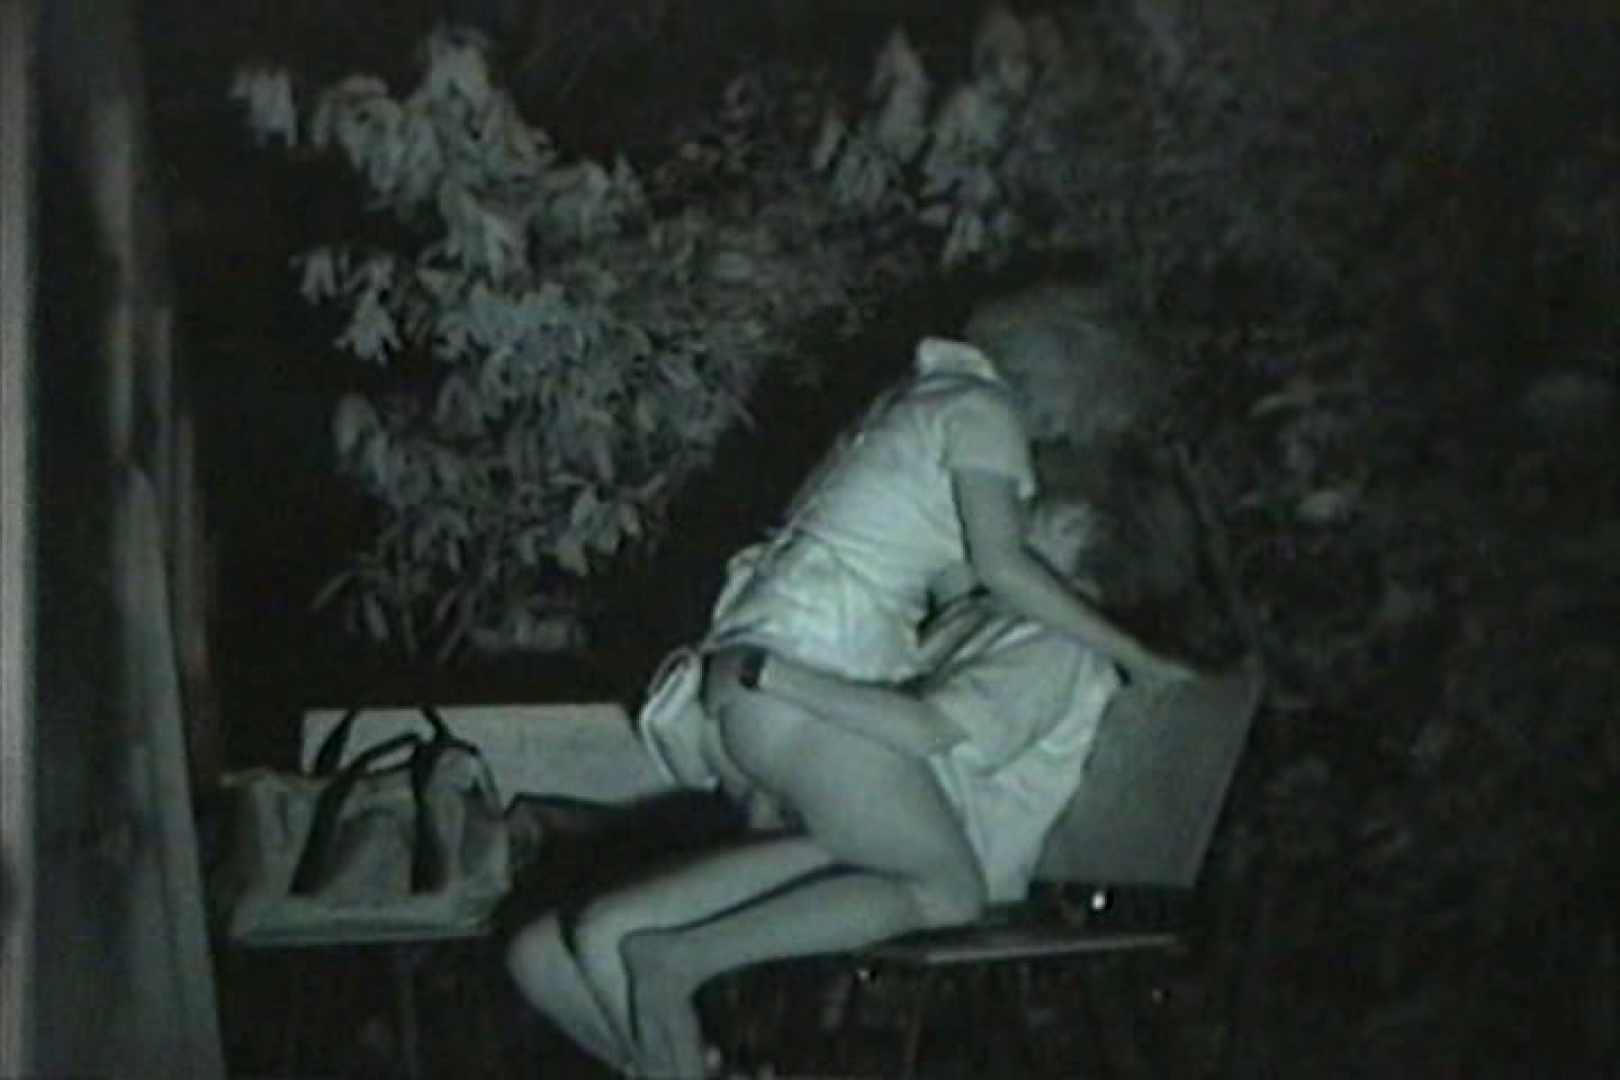 闇の仕掛け人 無修正版 Vol.24 美しいOLの裸体  101pic 65